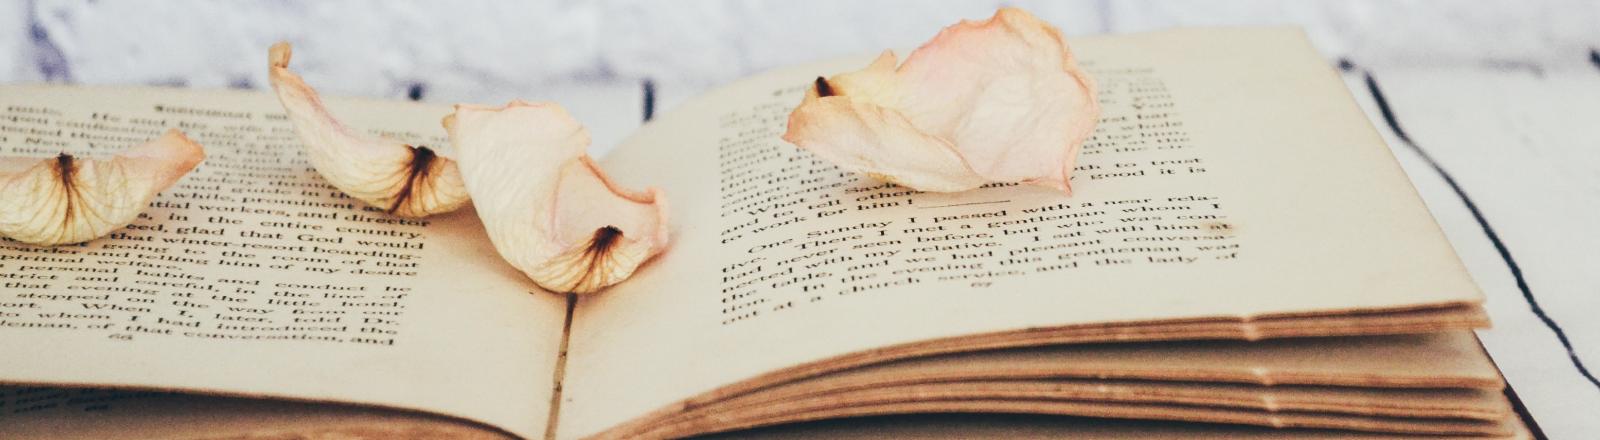 Ein altes, aufgeschlagenes Buch, darauf sind Rosenblätter platziert